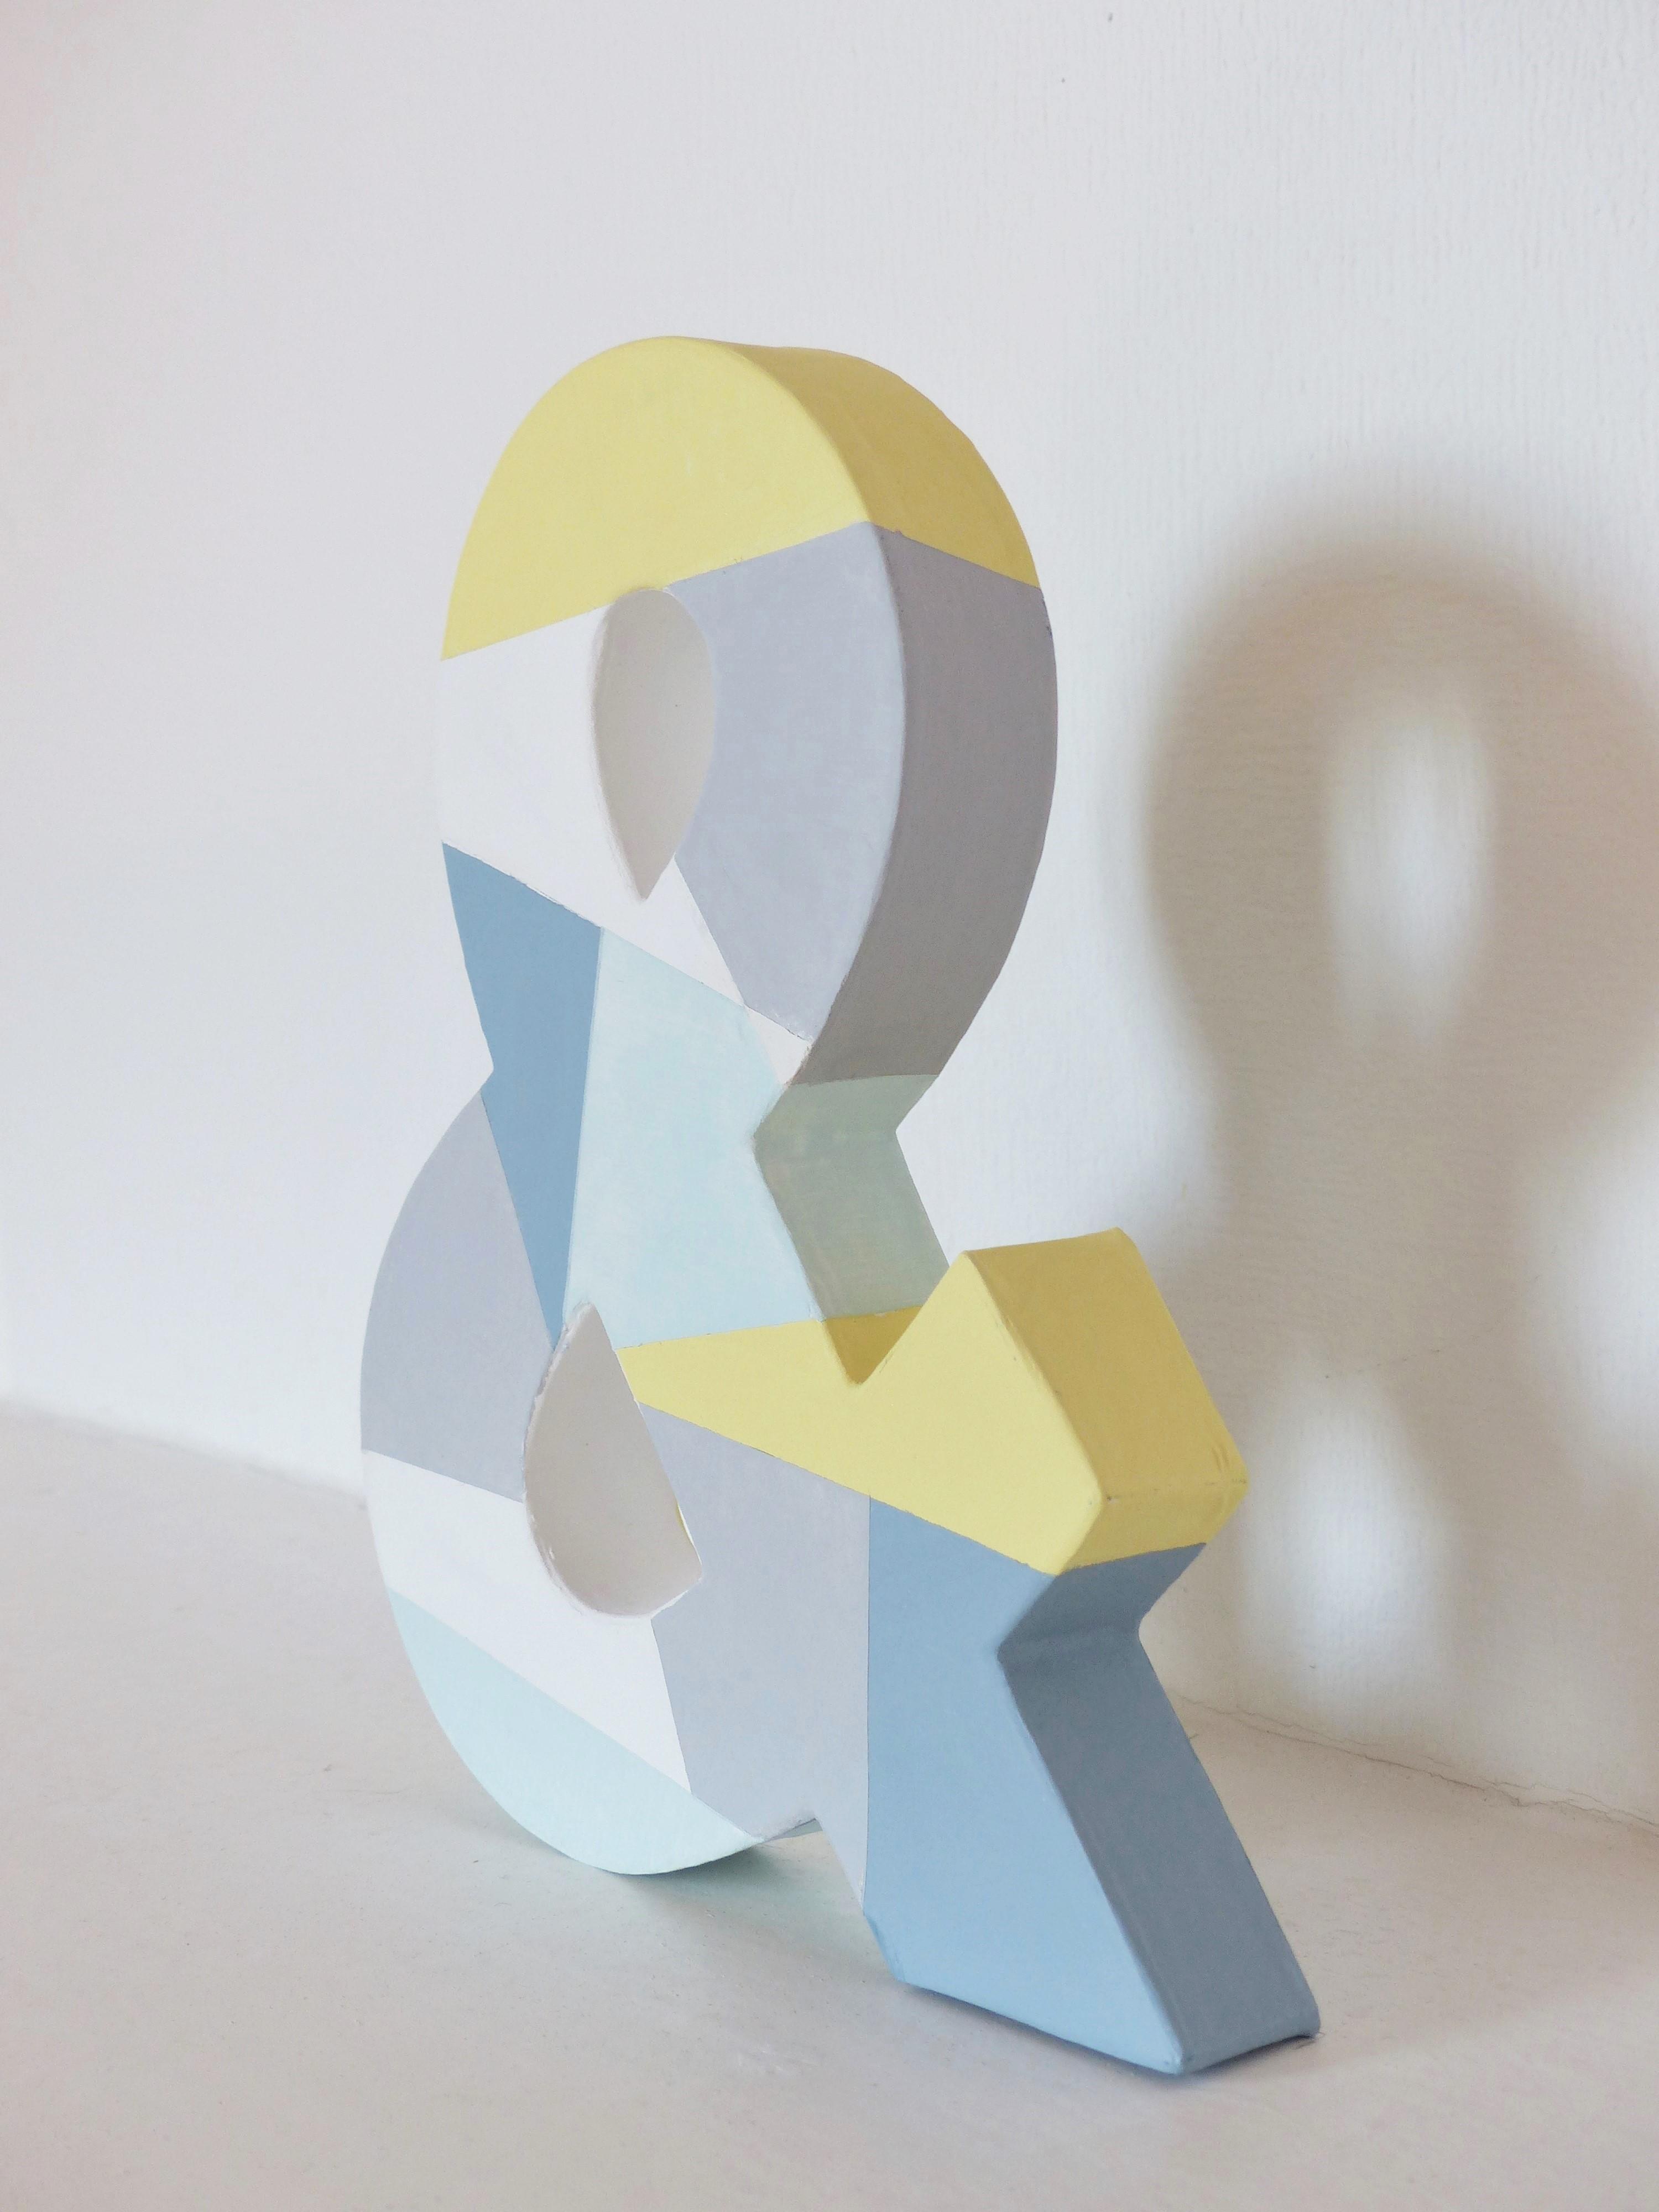 diy creer un objet decoratif aux formes geometriques pastel les carnets de gee. Black Bedroom Furniture Sets. Home Design Ideas